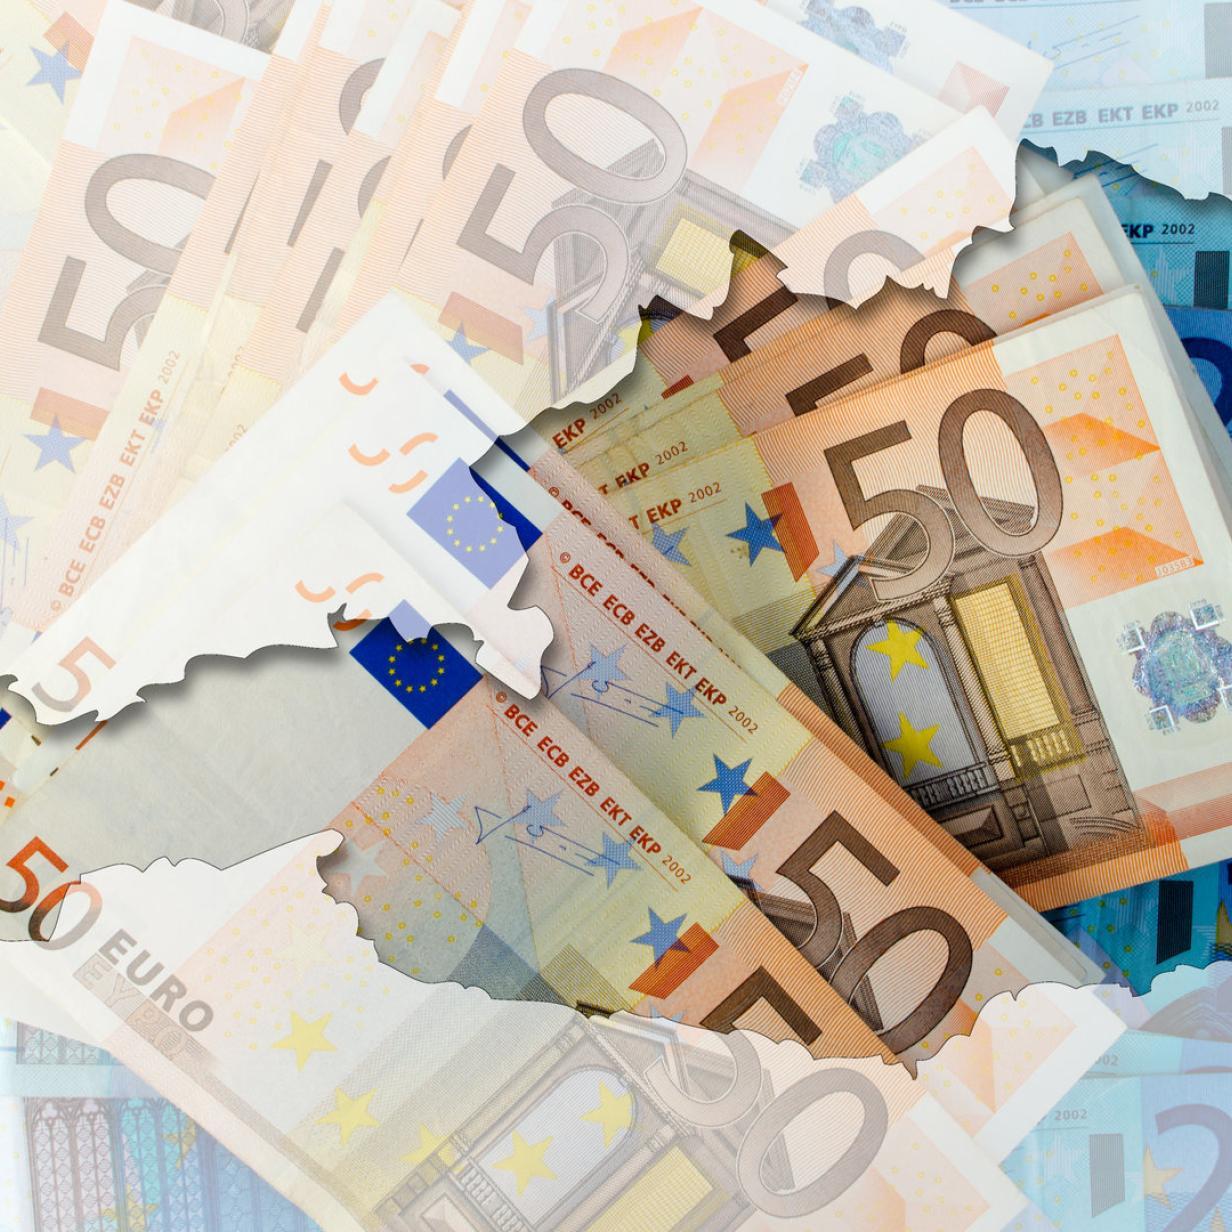 559.000 falsche Euro-Banknoten sichergestellt: 50-Euro-Blüten führend